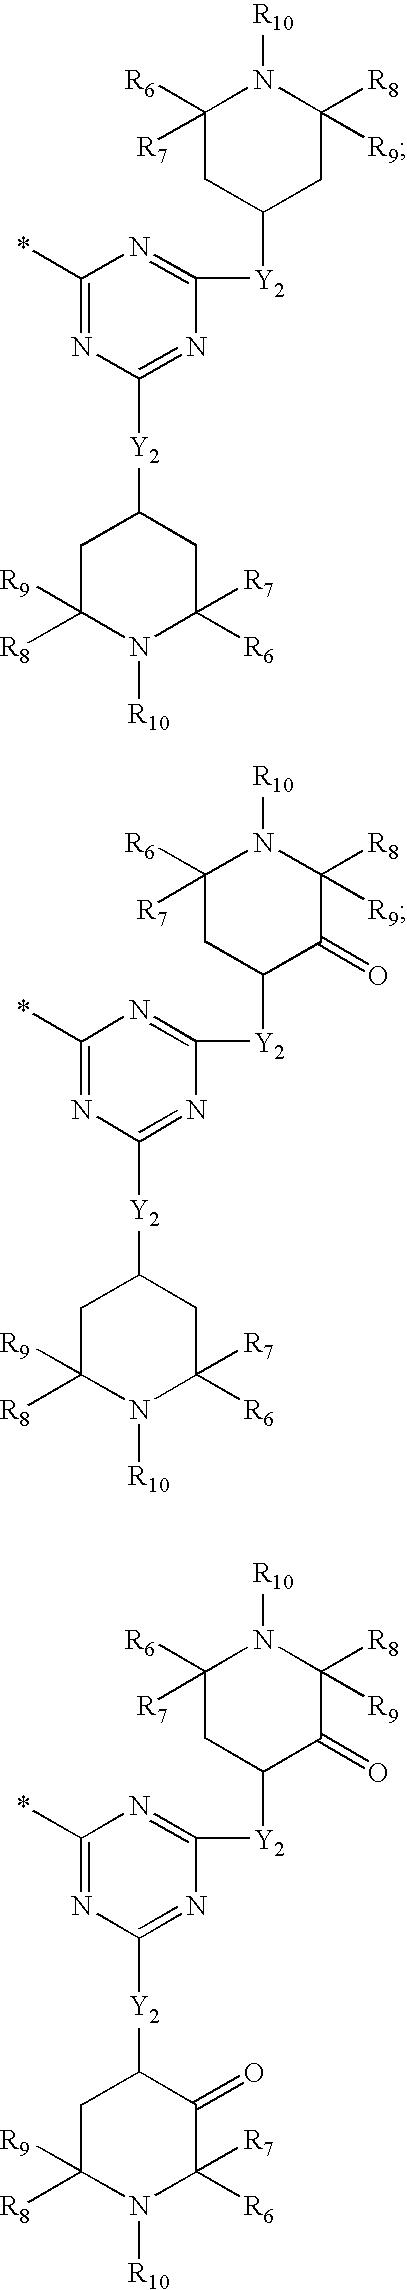 Figure US20040143041A1-20040722-C00031